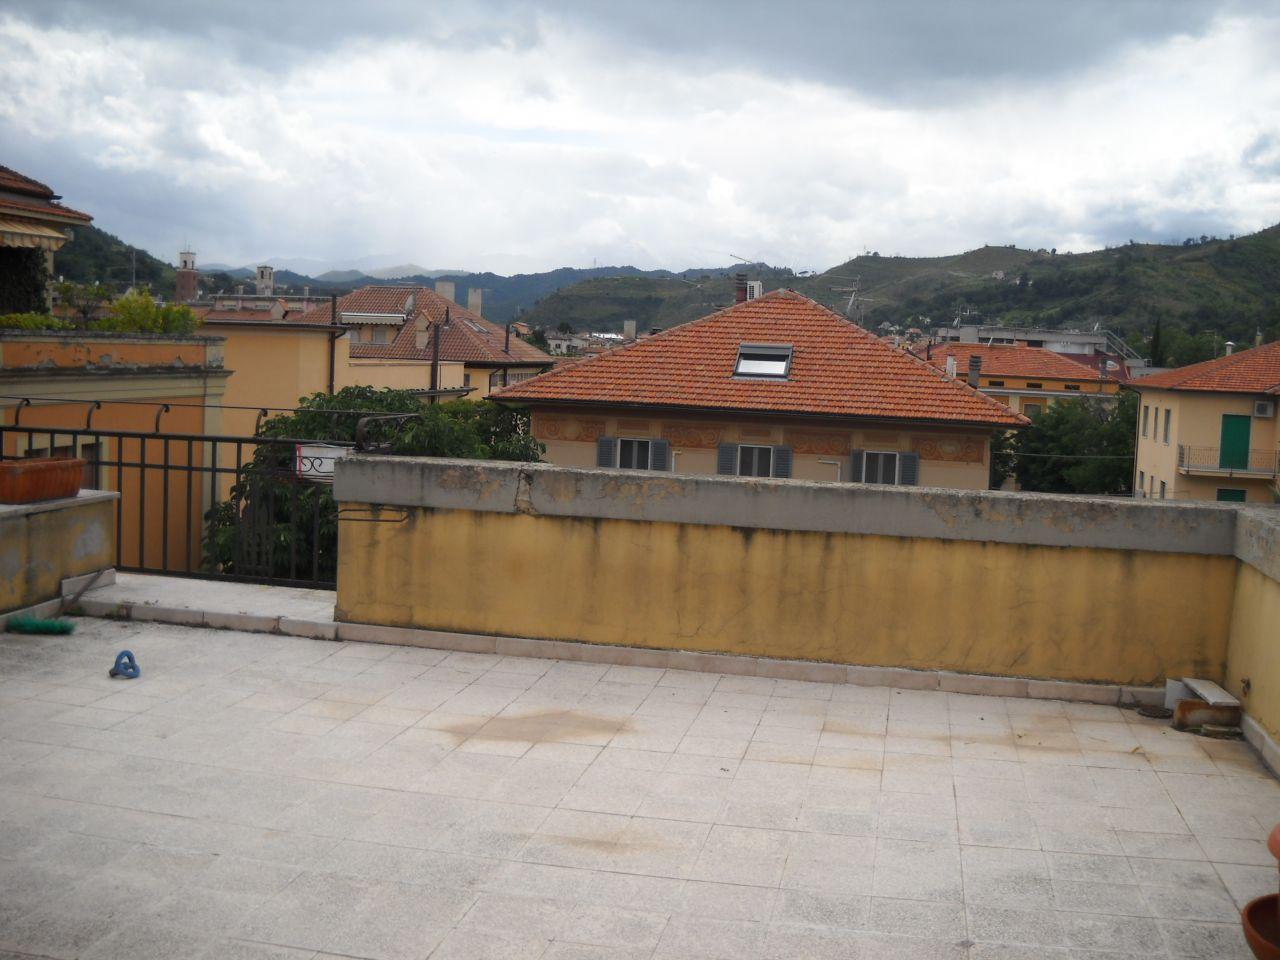 Appartamento in vendita a Ascoli Piceno, 9999 locali, zona Località: CampoParignano, prezzo € 170.000 | Cambio Casa.it